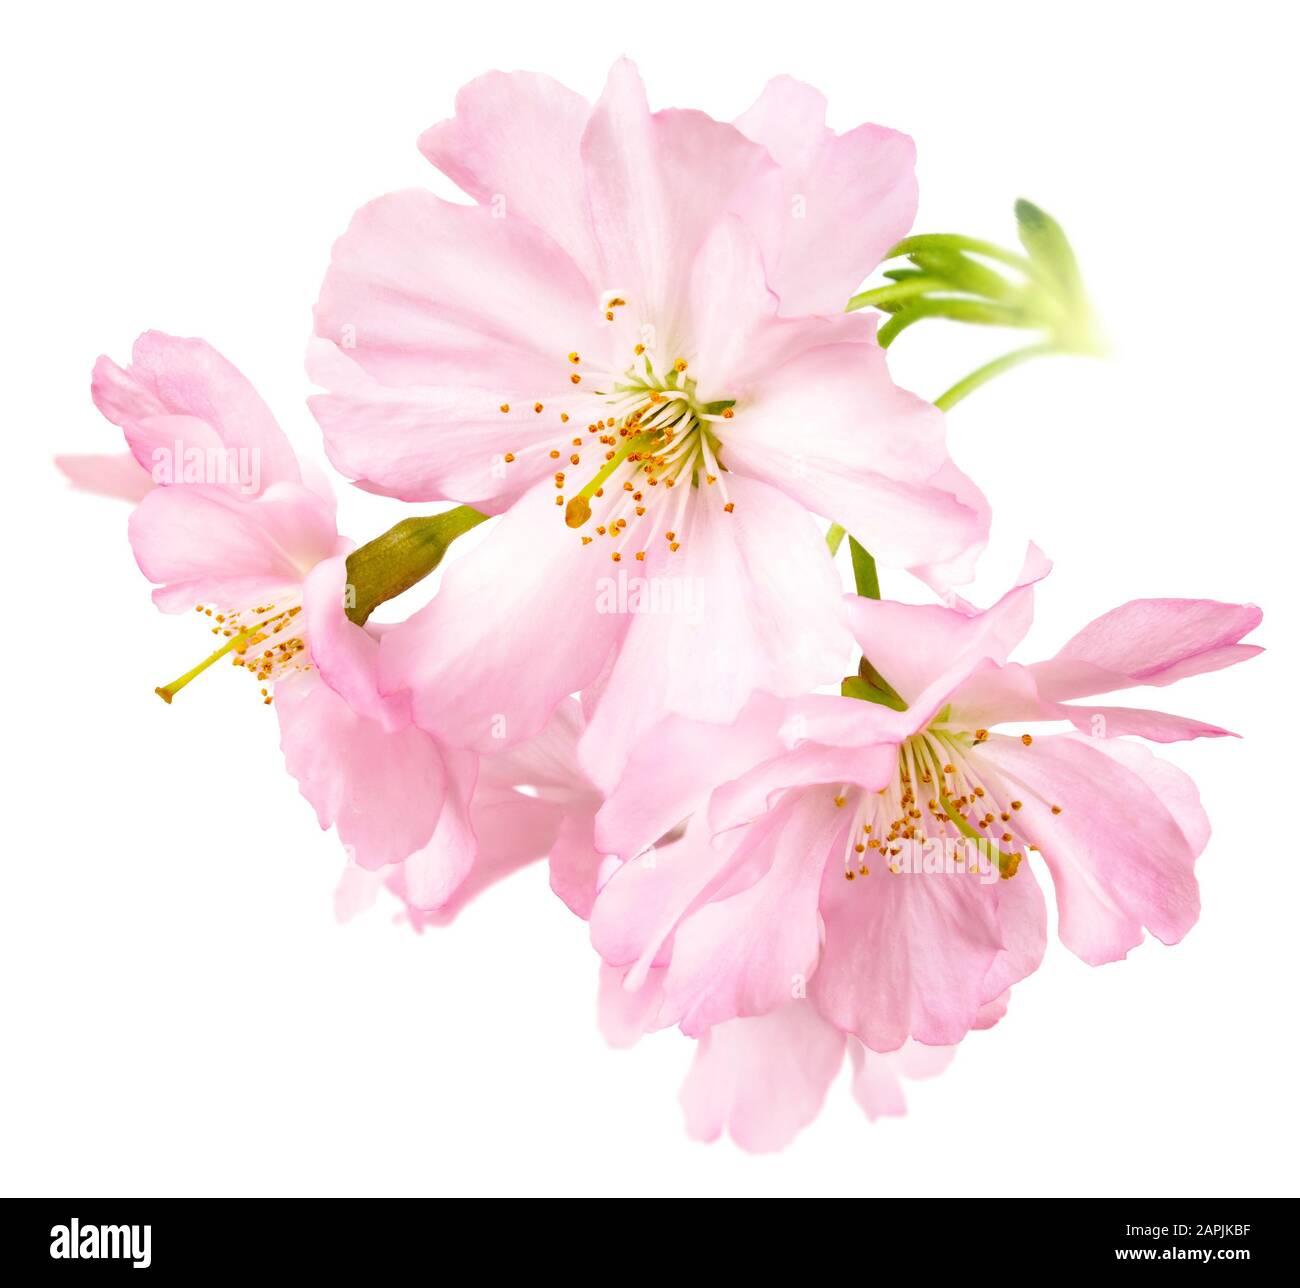 Aislamiento de estudio de los delicados cerezos en flor rosa brillante en formato cuadrado Foto de stock